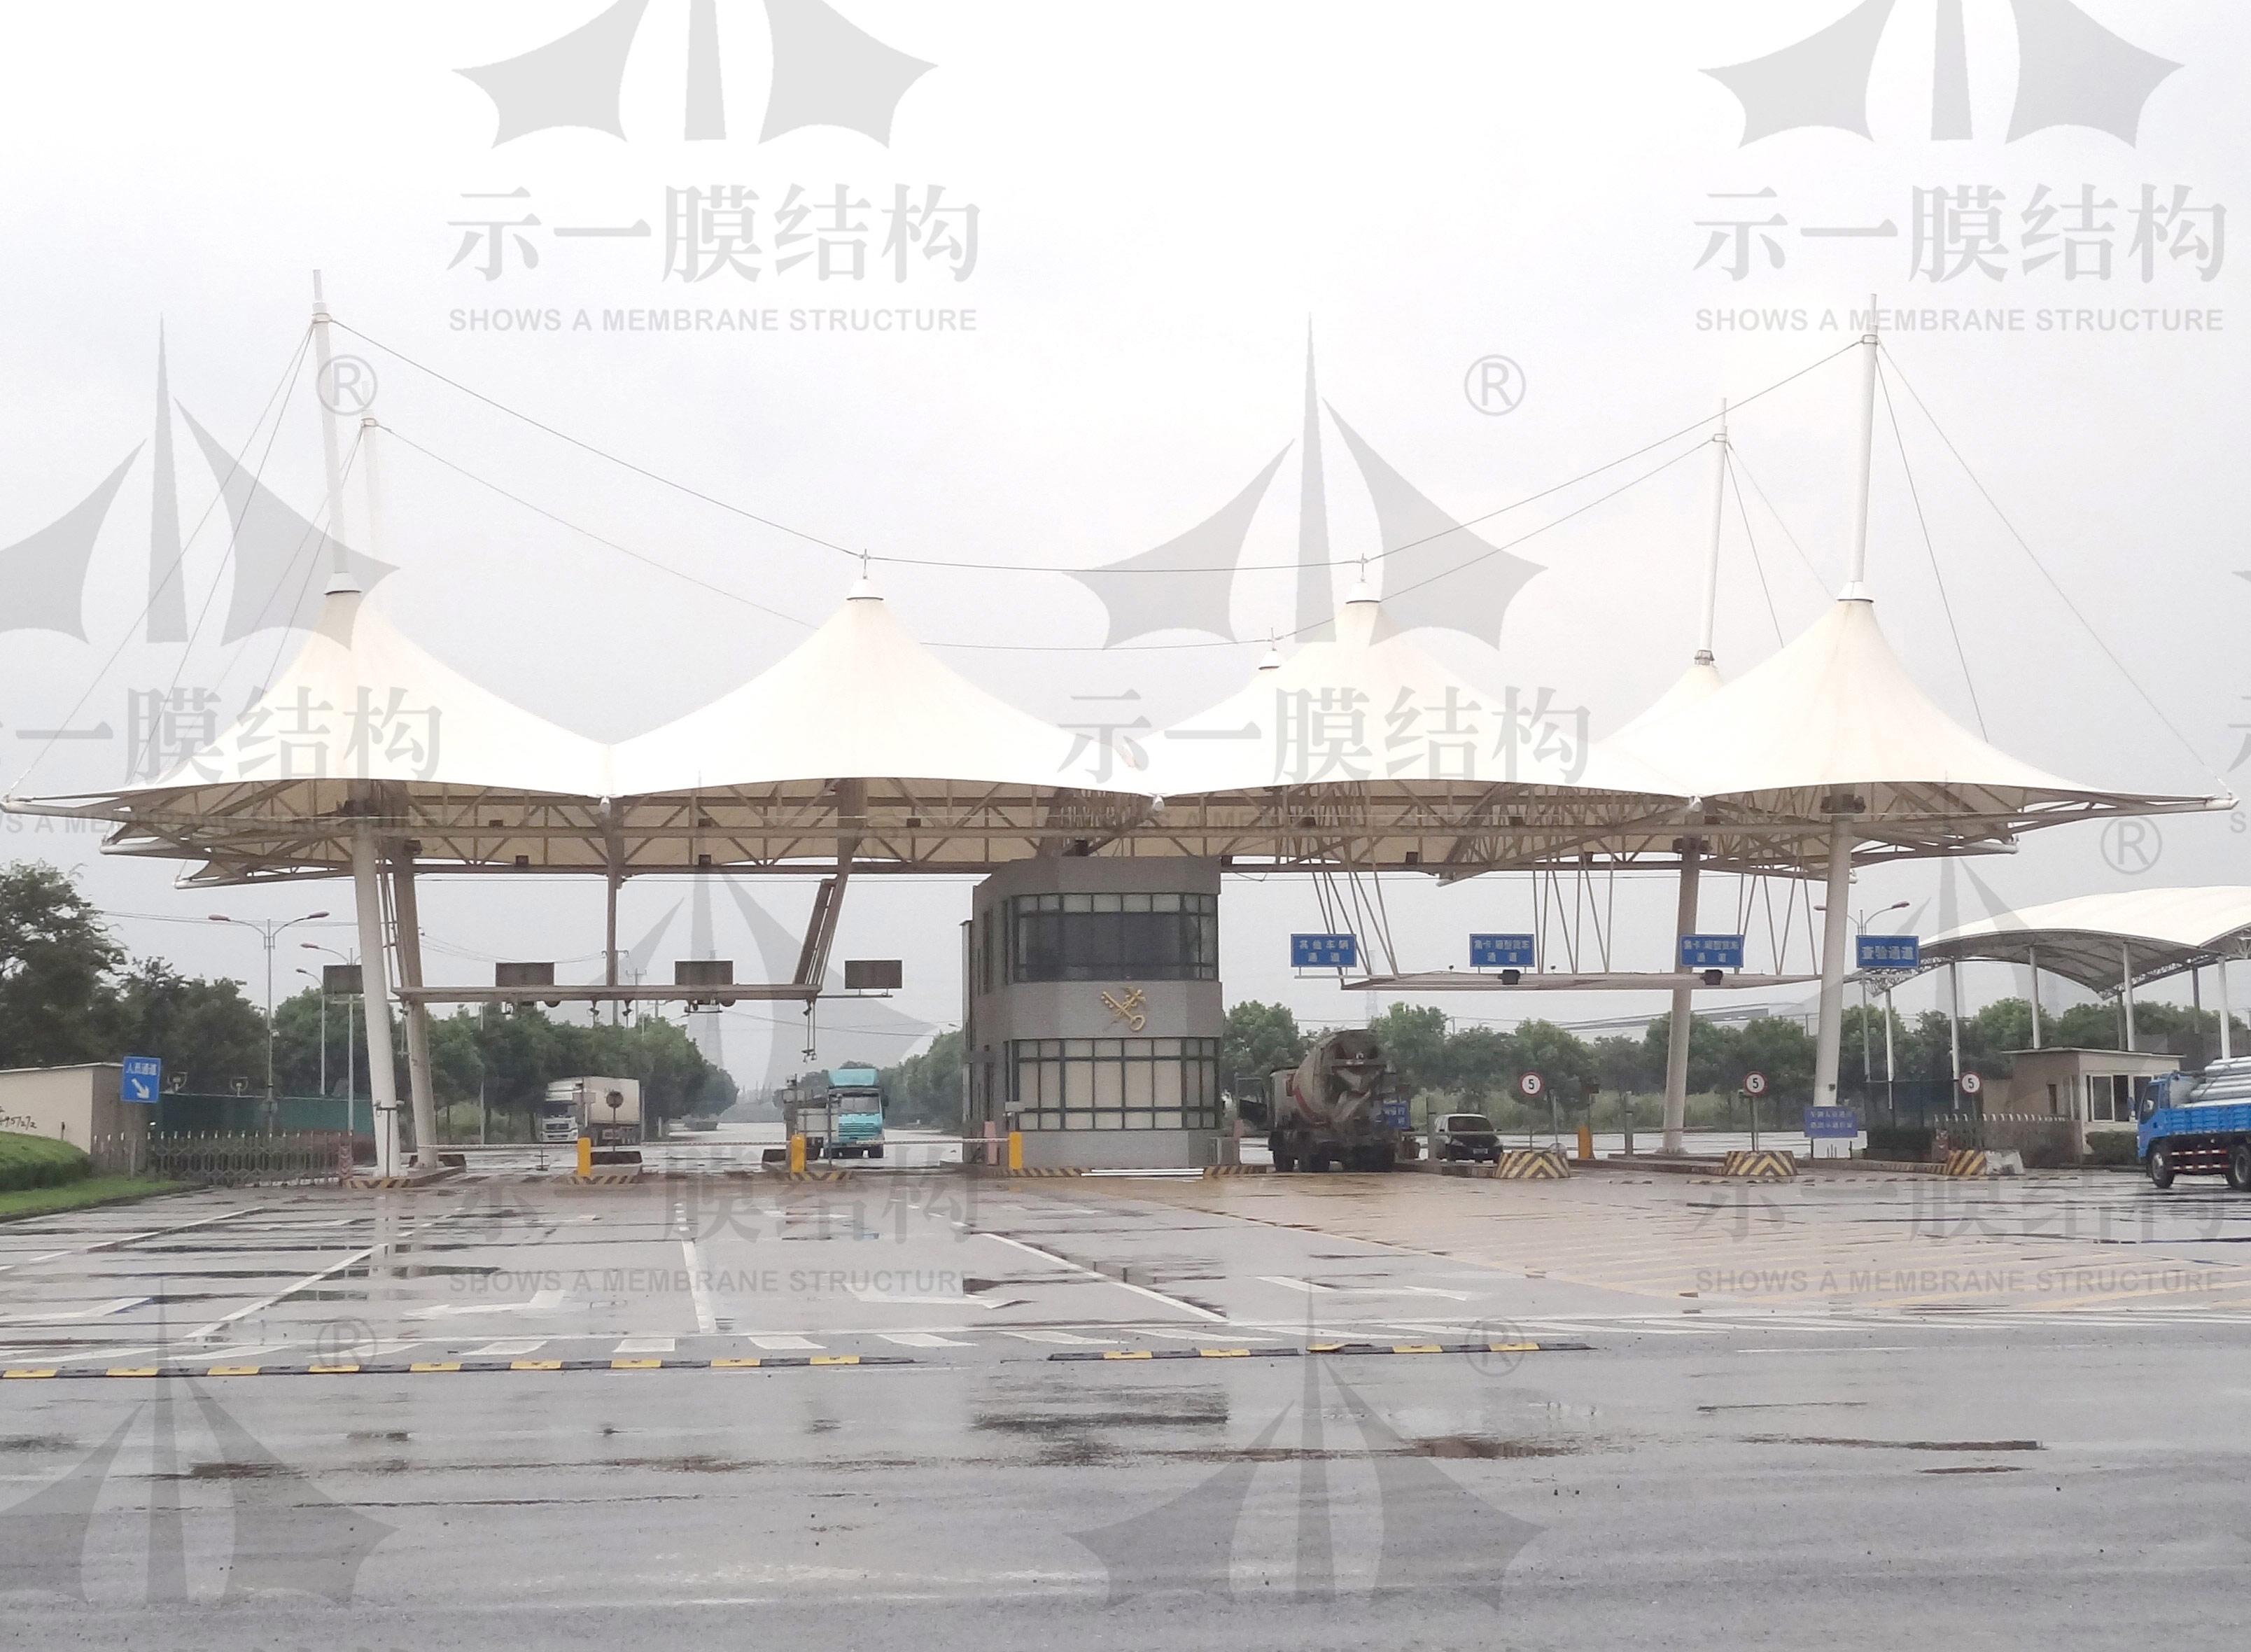 上海示一膜结构松江出口加工区膜结构